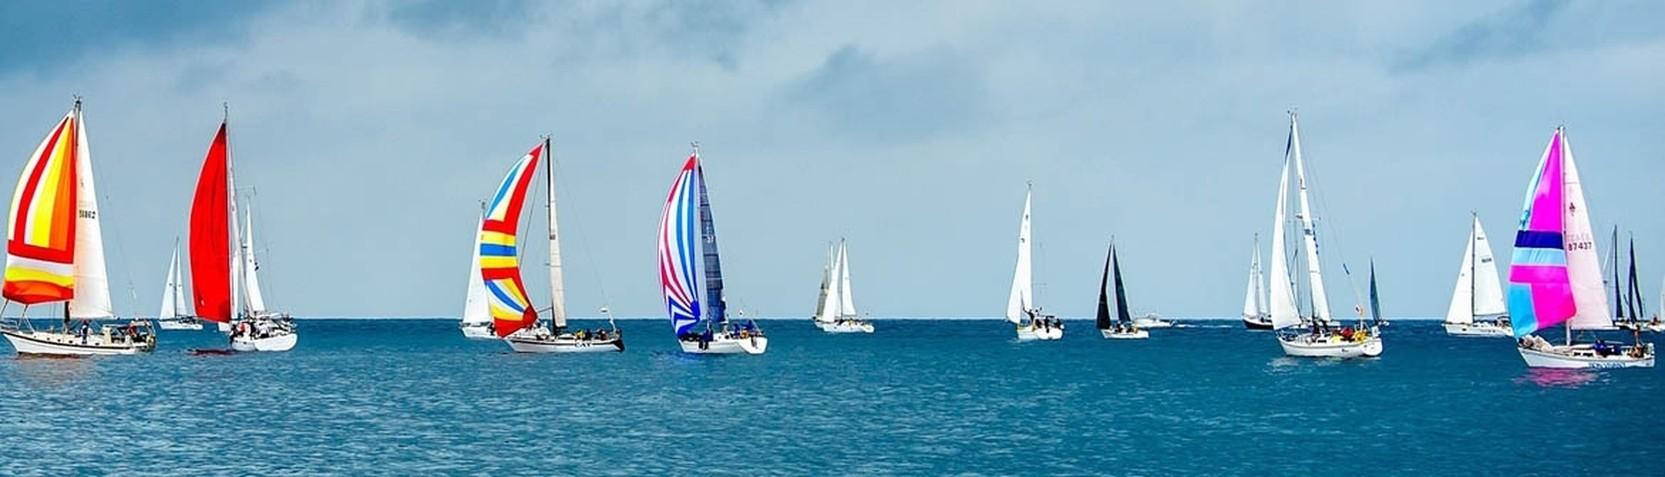 Fotografía - Barcos, vela y surf